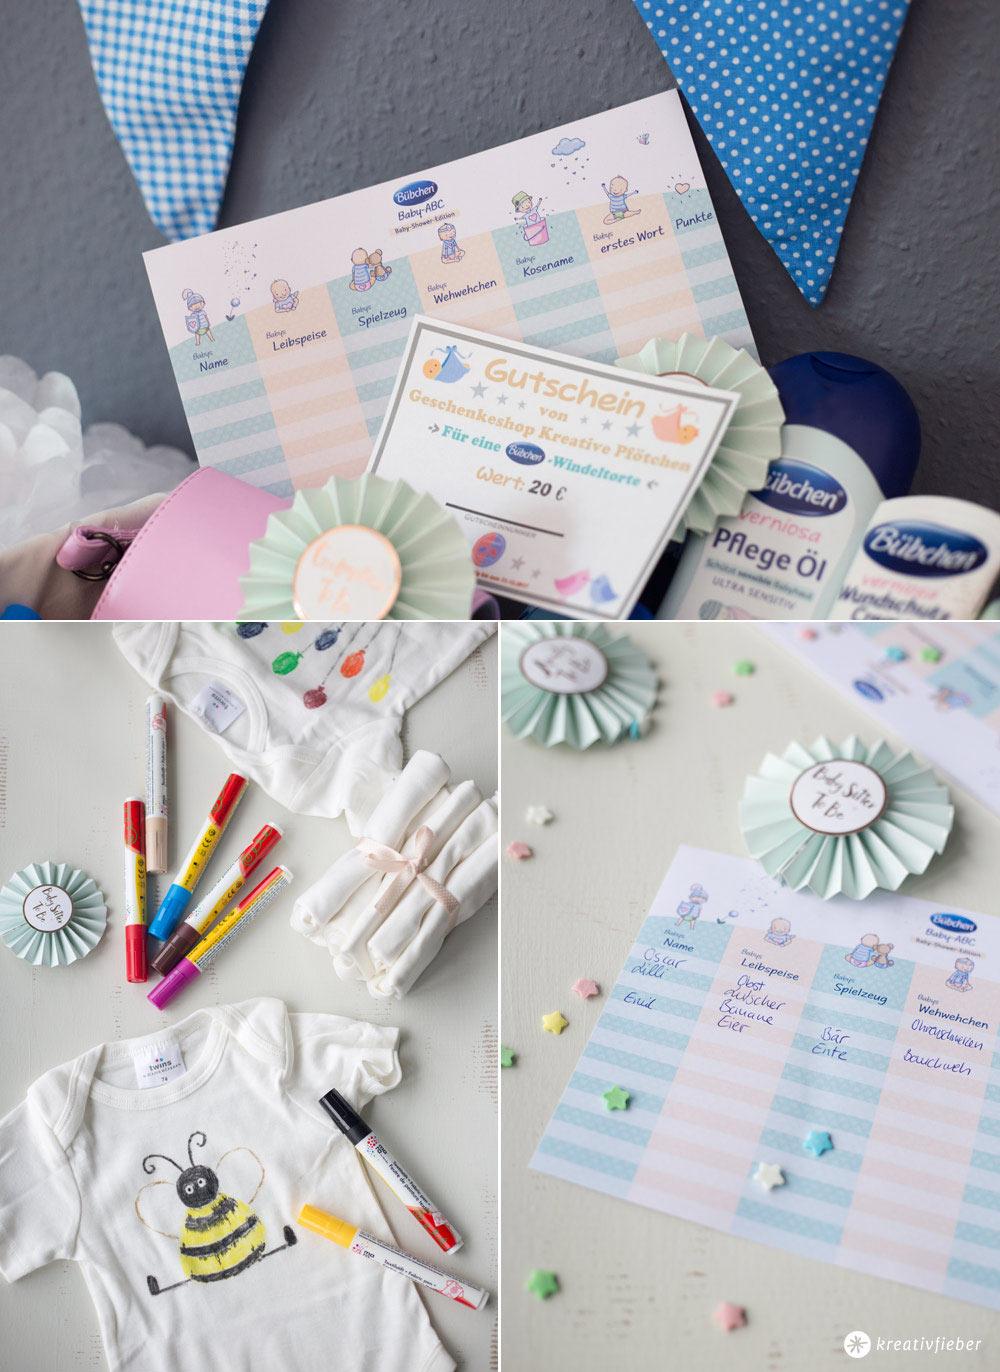 5 Tipps für eure DIY Babyparty - Ideen für DIY Spiele und Aktionen für eure DIY Baby Shower